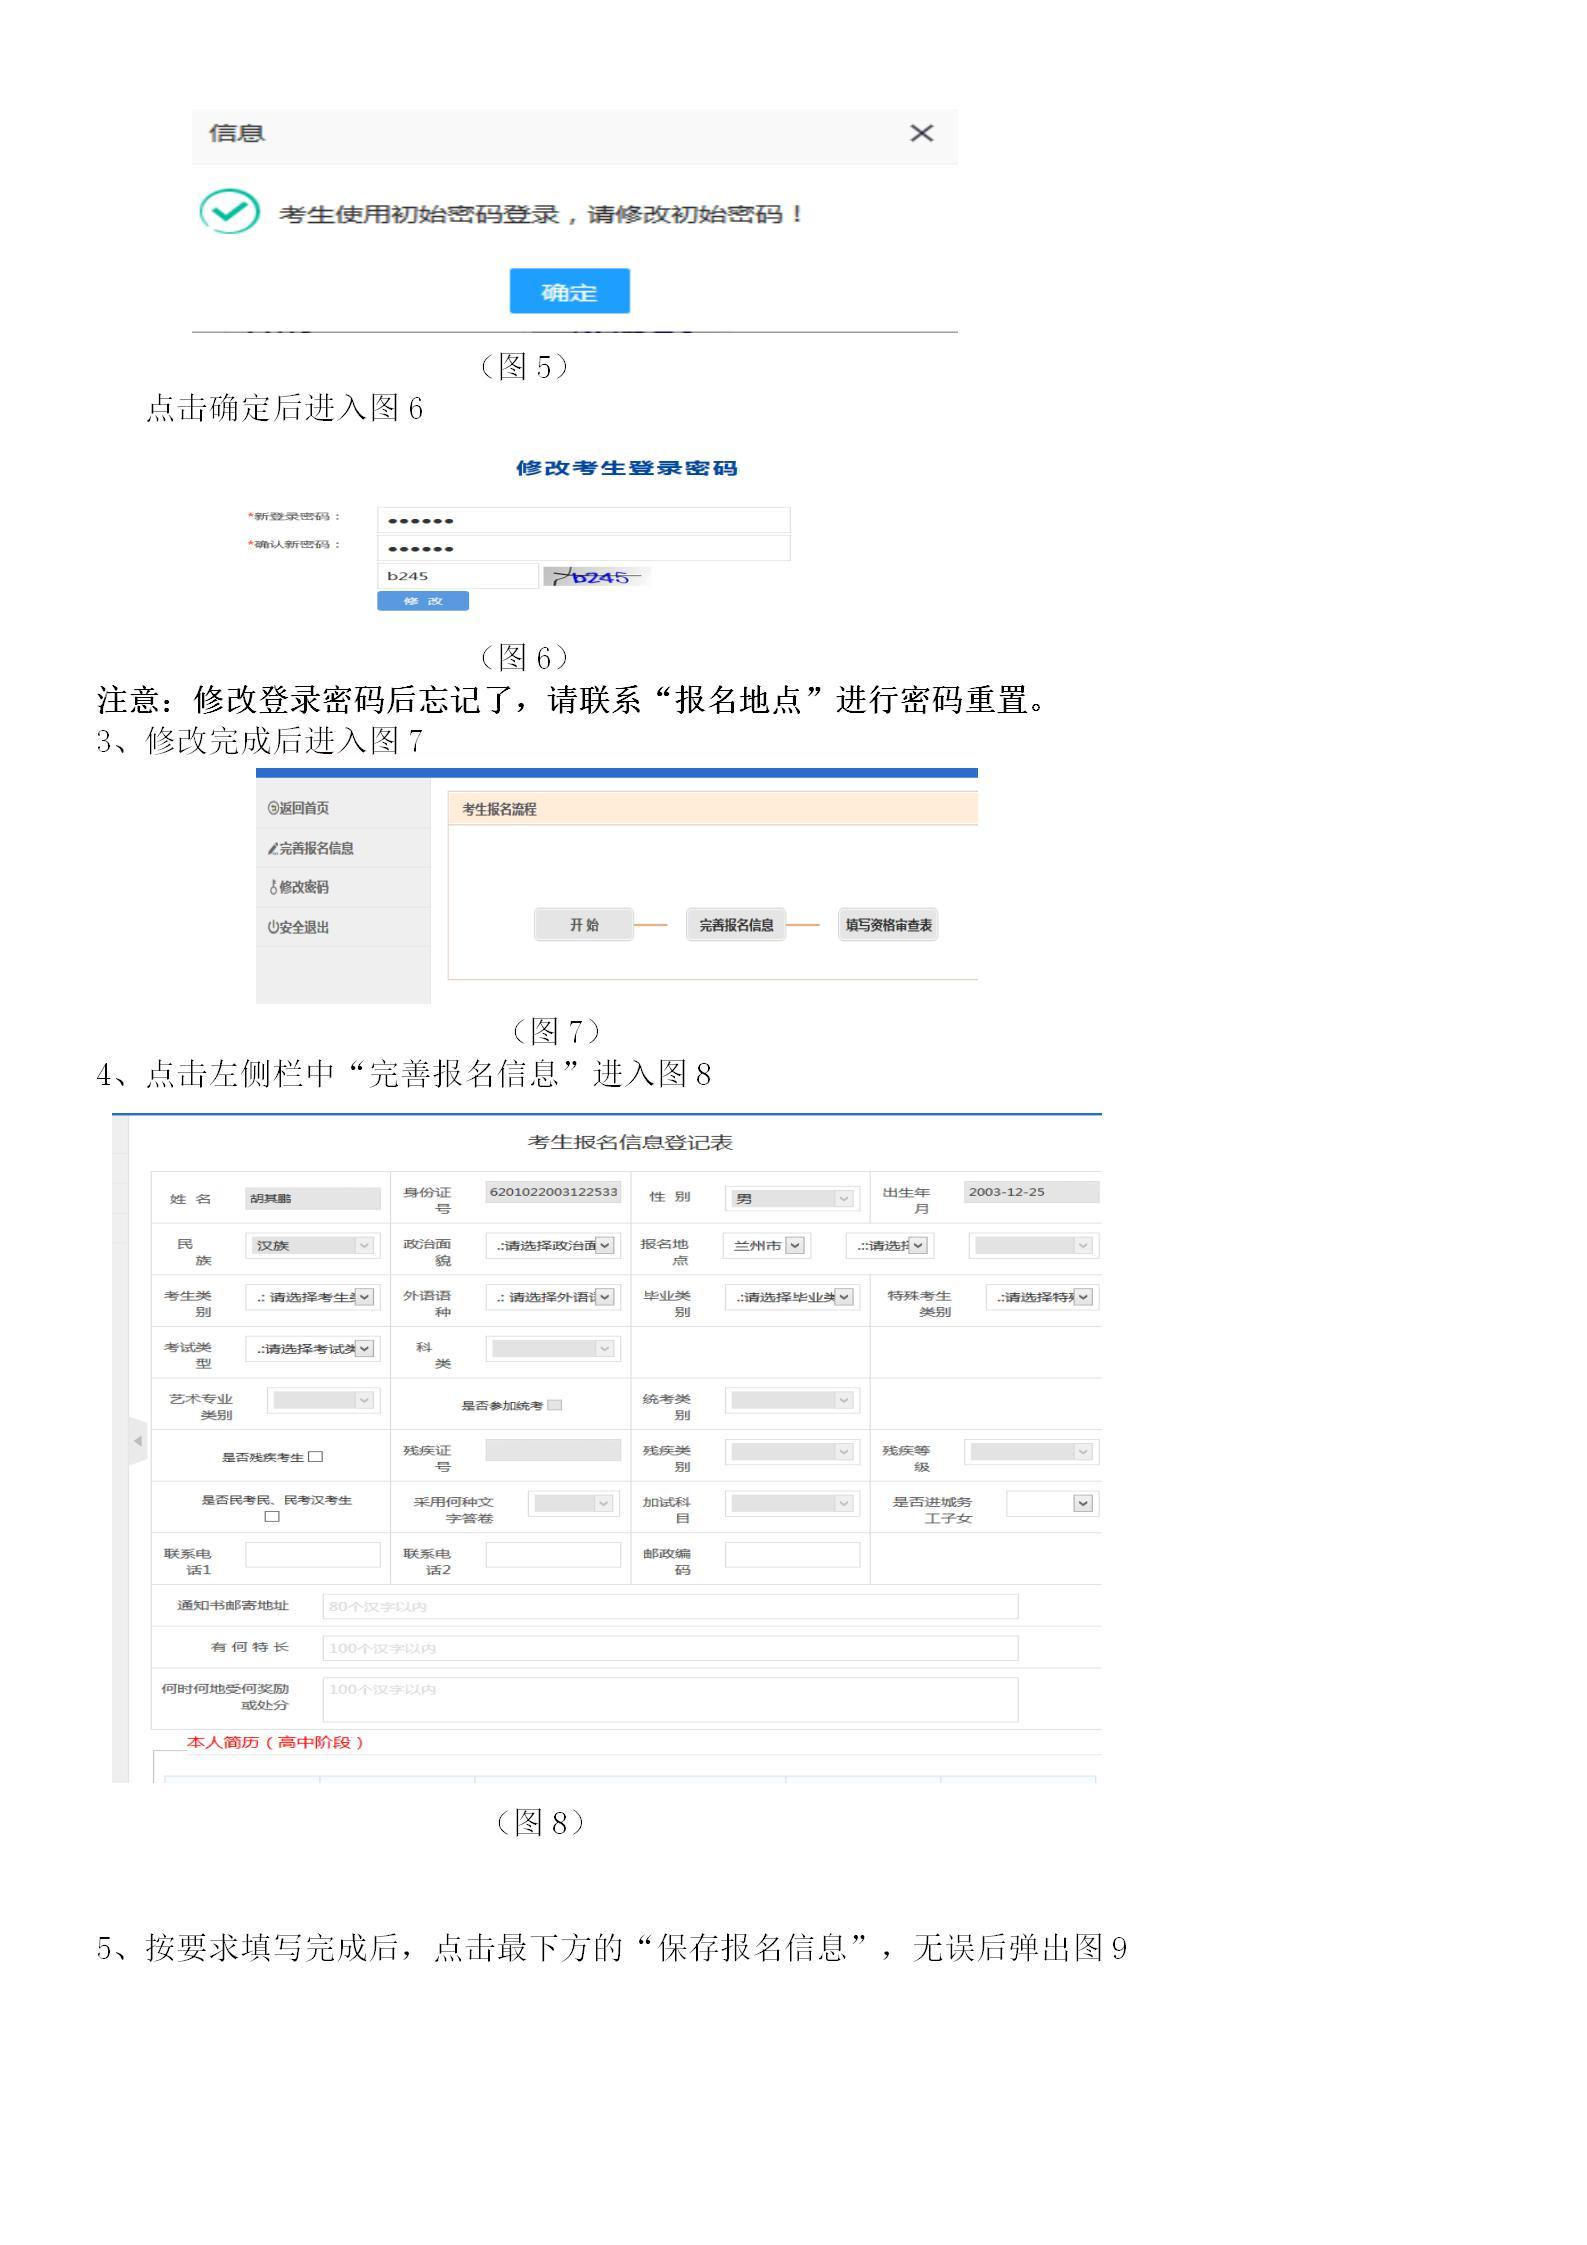 2021甘肃高考招生网上报名系统考生报名流程图2